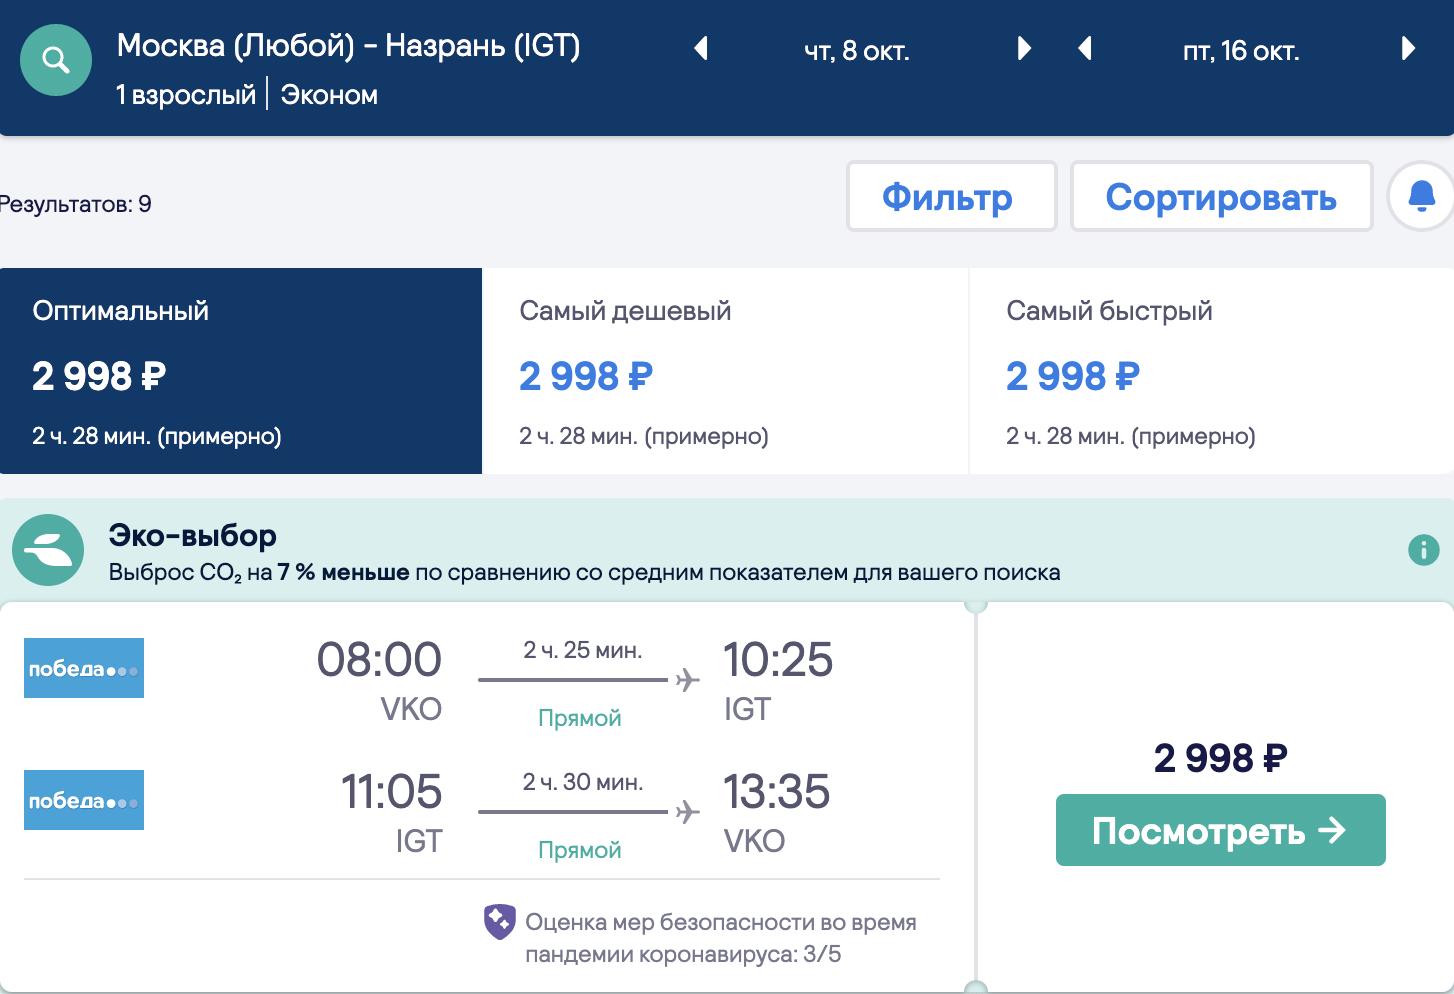 Победа: из Москвы в Курган и Назрань за 2200₽/2998₽ туда-обратно